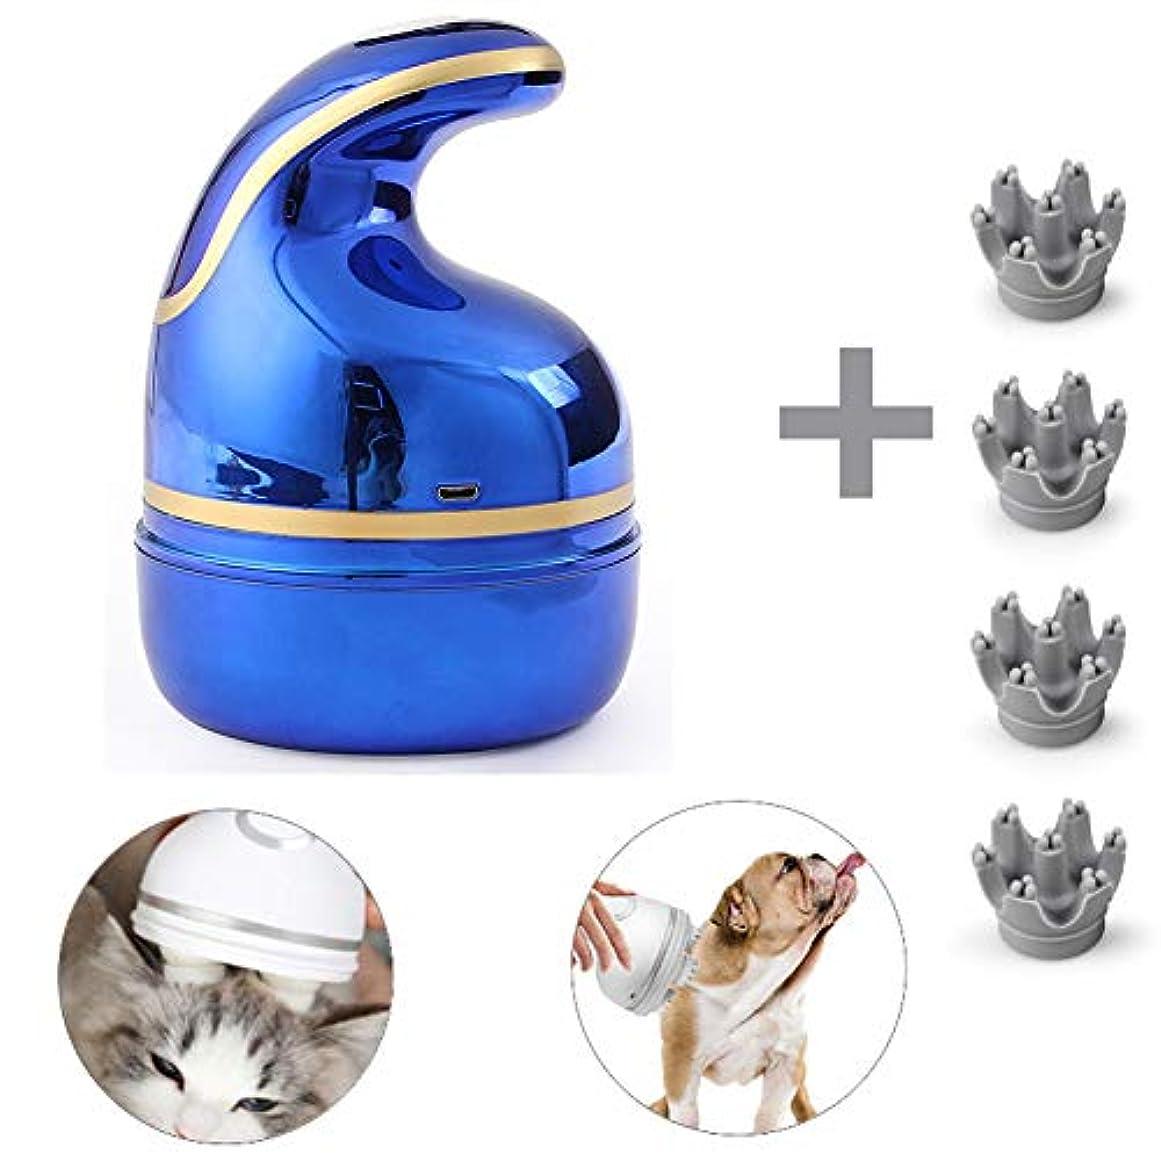 庭園わがまま疎外する電気ペットマッサージャーusb充電3dヘッド猫全方向自動回転マッサージャー洗える面白い猫のおもちゃペットの犬,Blue